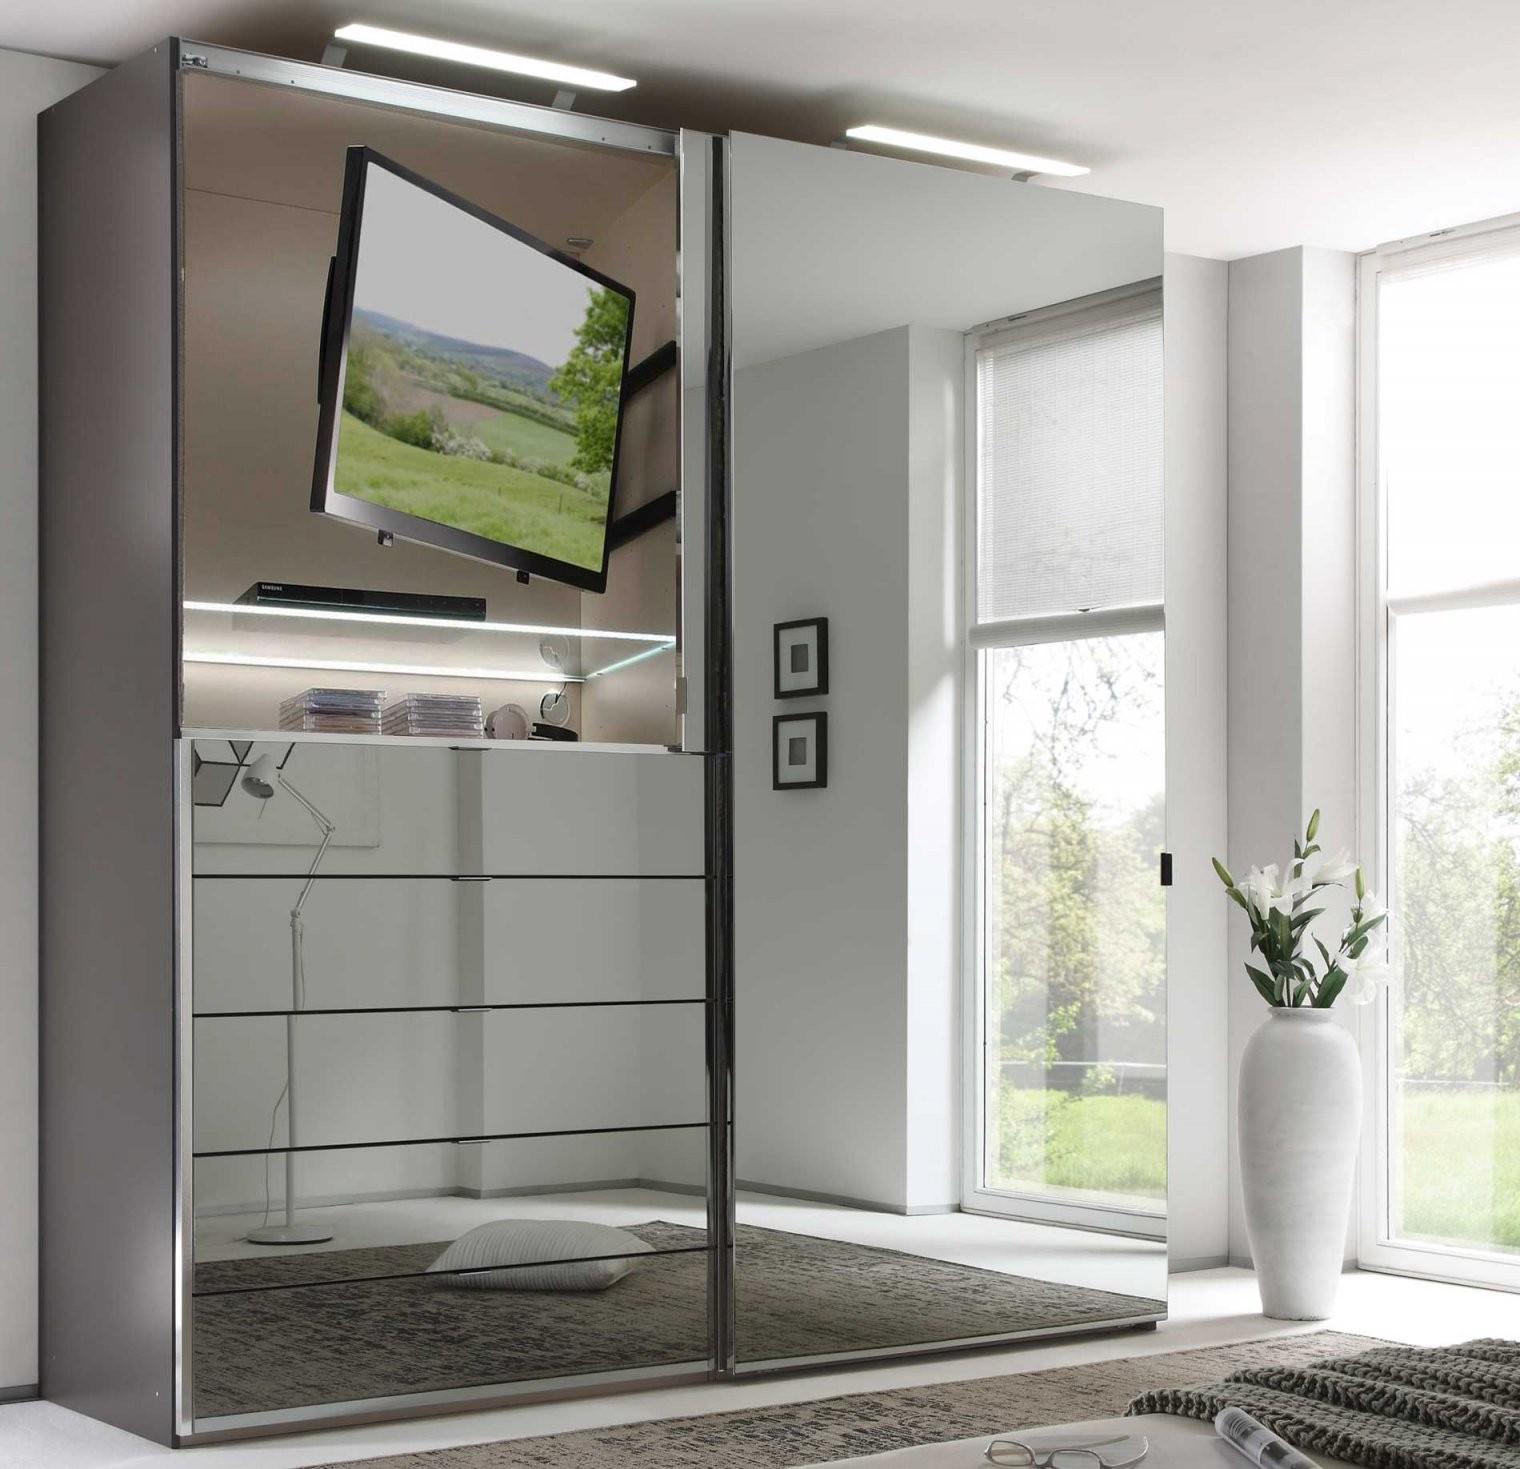 Staud Media Kleiderschrank Mit Tv Fach Glas Viele Farben Breite 200 von Kleiderschrank Mit Tv Fach Photo